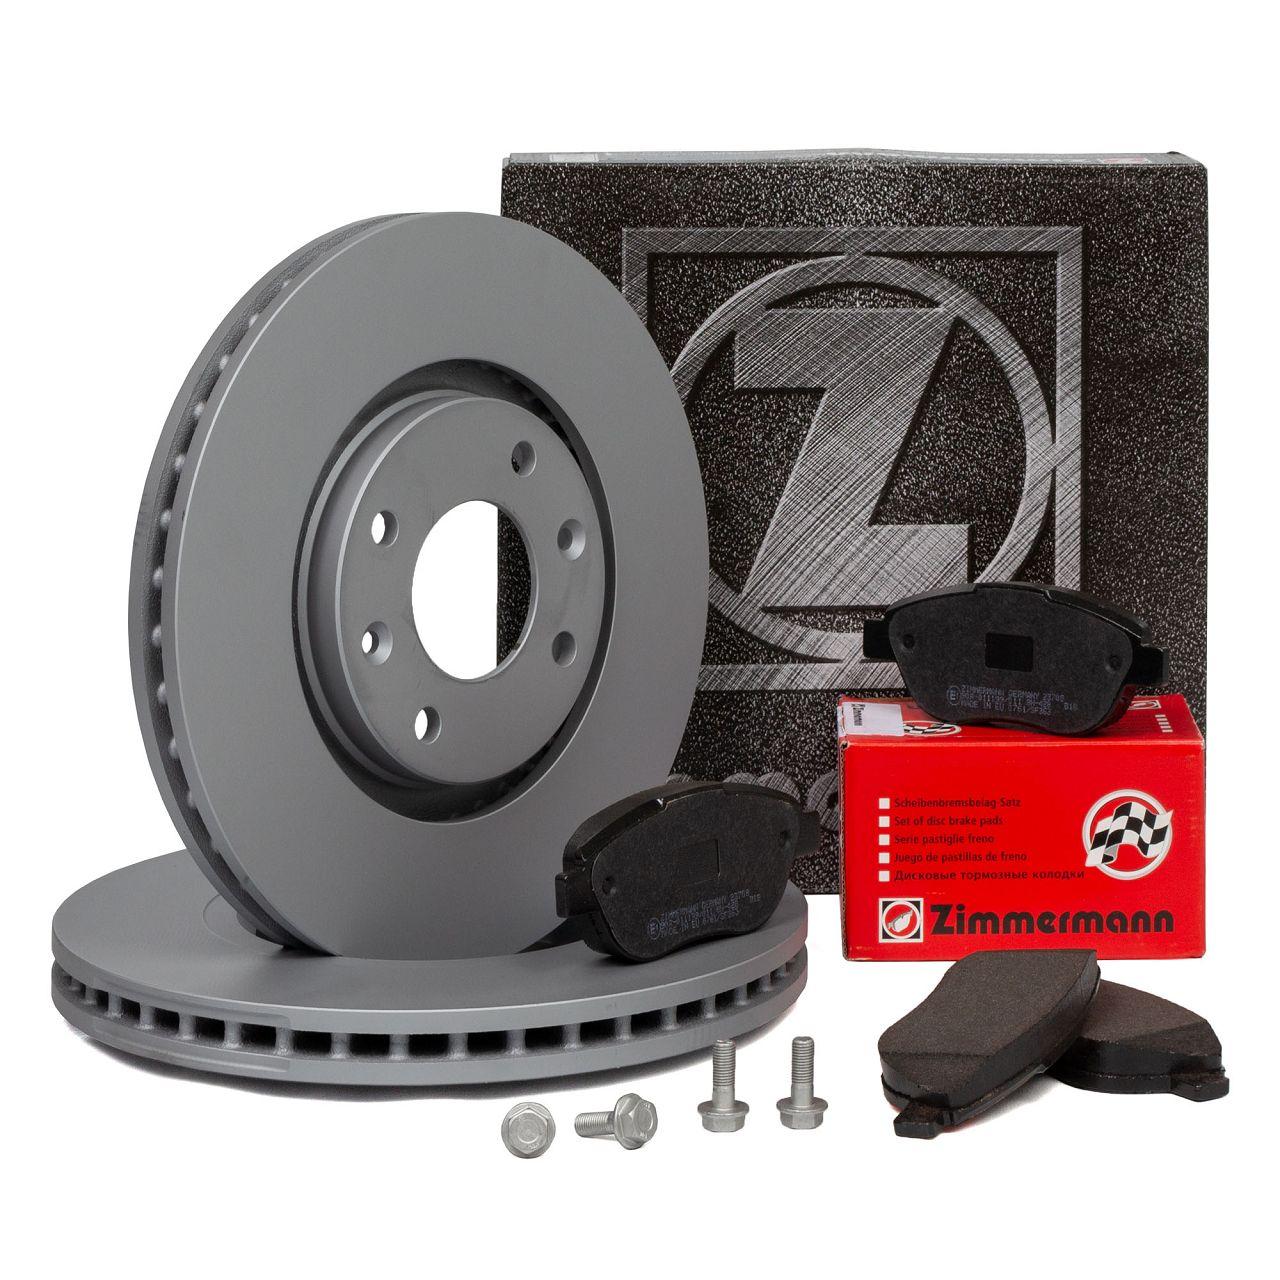 ZIMMERMANN Bremsscheiben Beläge für CITROEN C3 II C4 I PEUGEOT 206 207 307 vorne